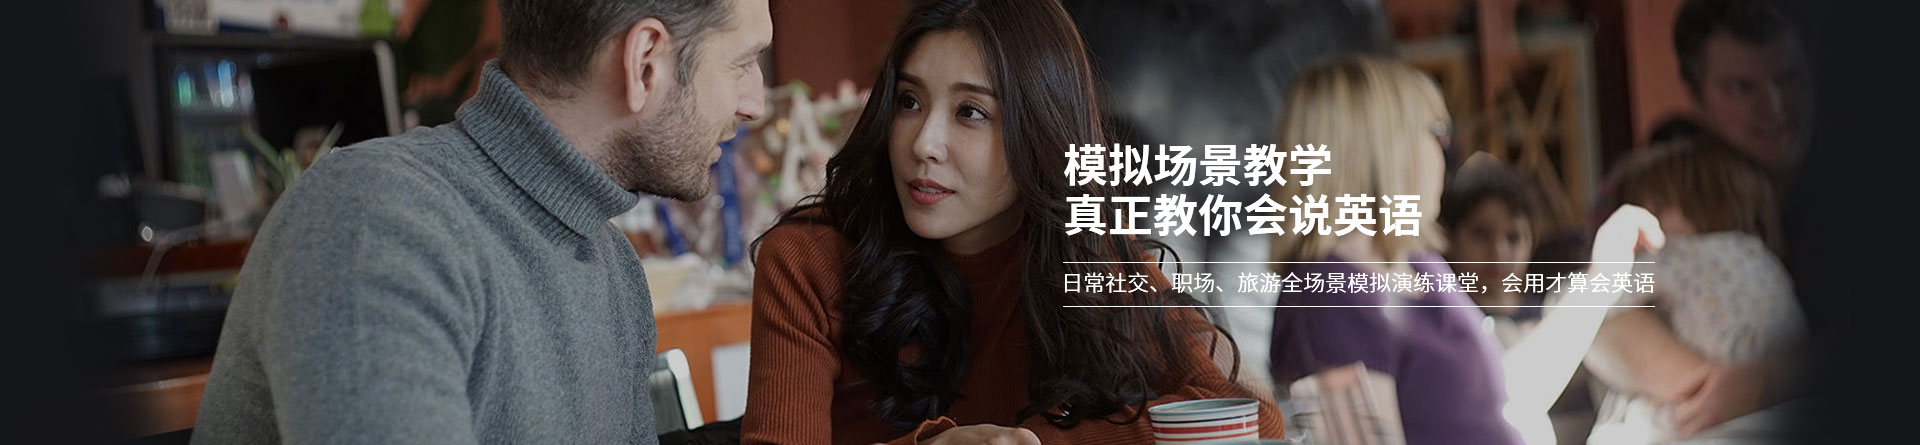 上海松江开元韦博英语